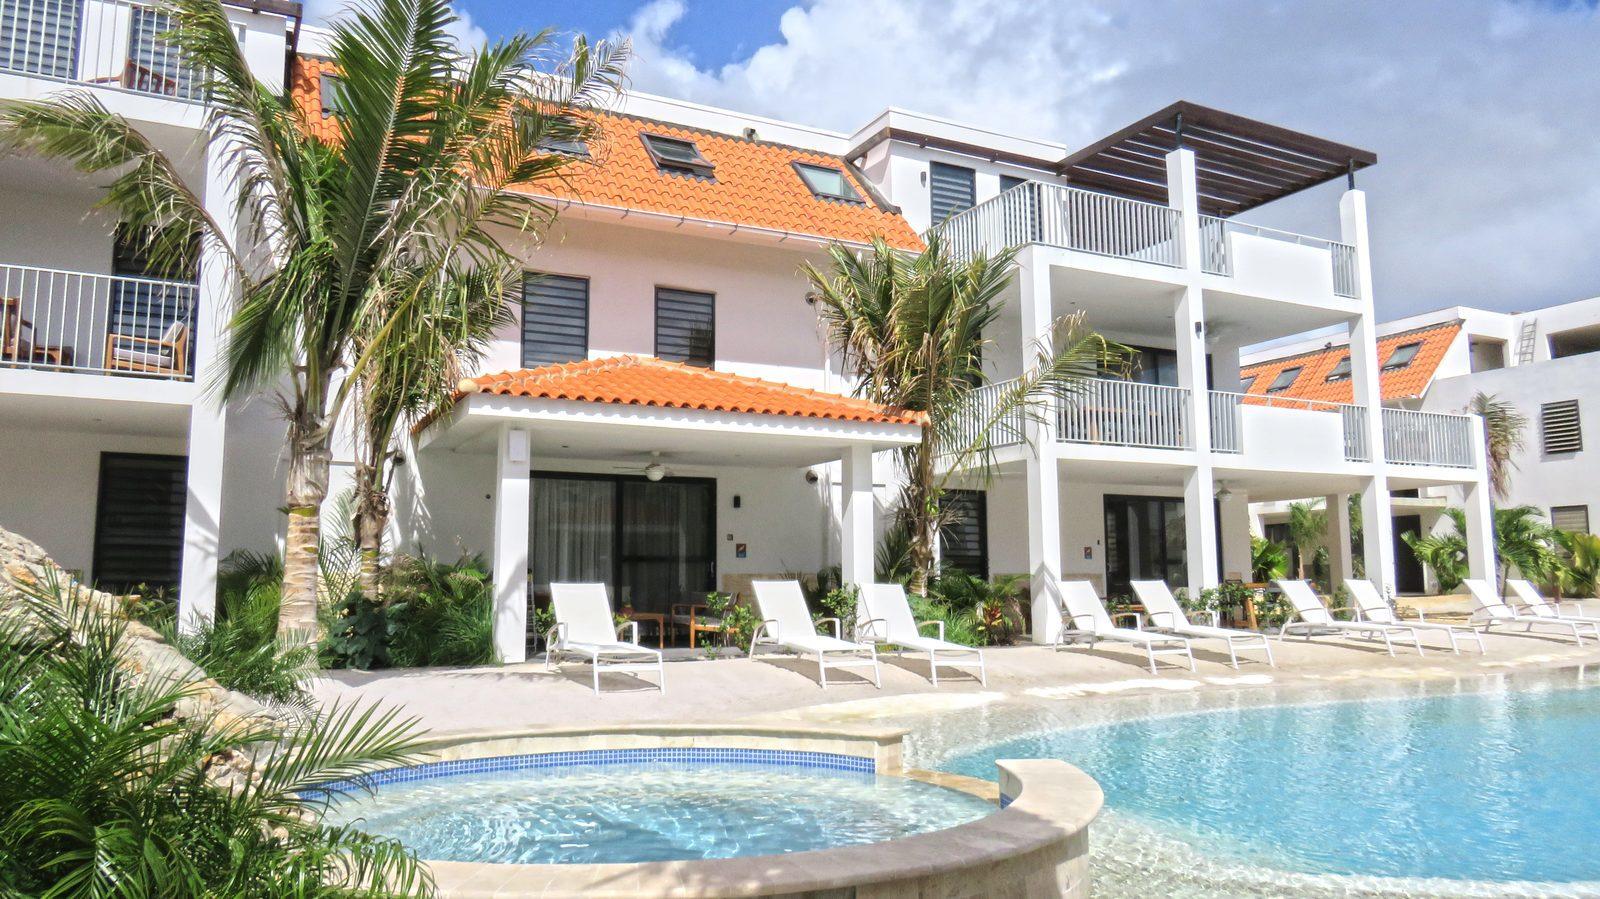 Bekijk Resort Bonaire, een nieuw resort op het mooie Bonaire. De luxe appartementen op Resort Bonaire zijn geschikt voor vier en zes personen.